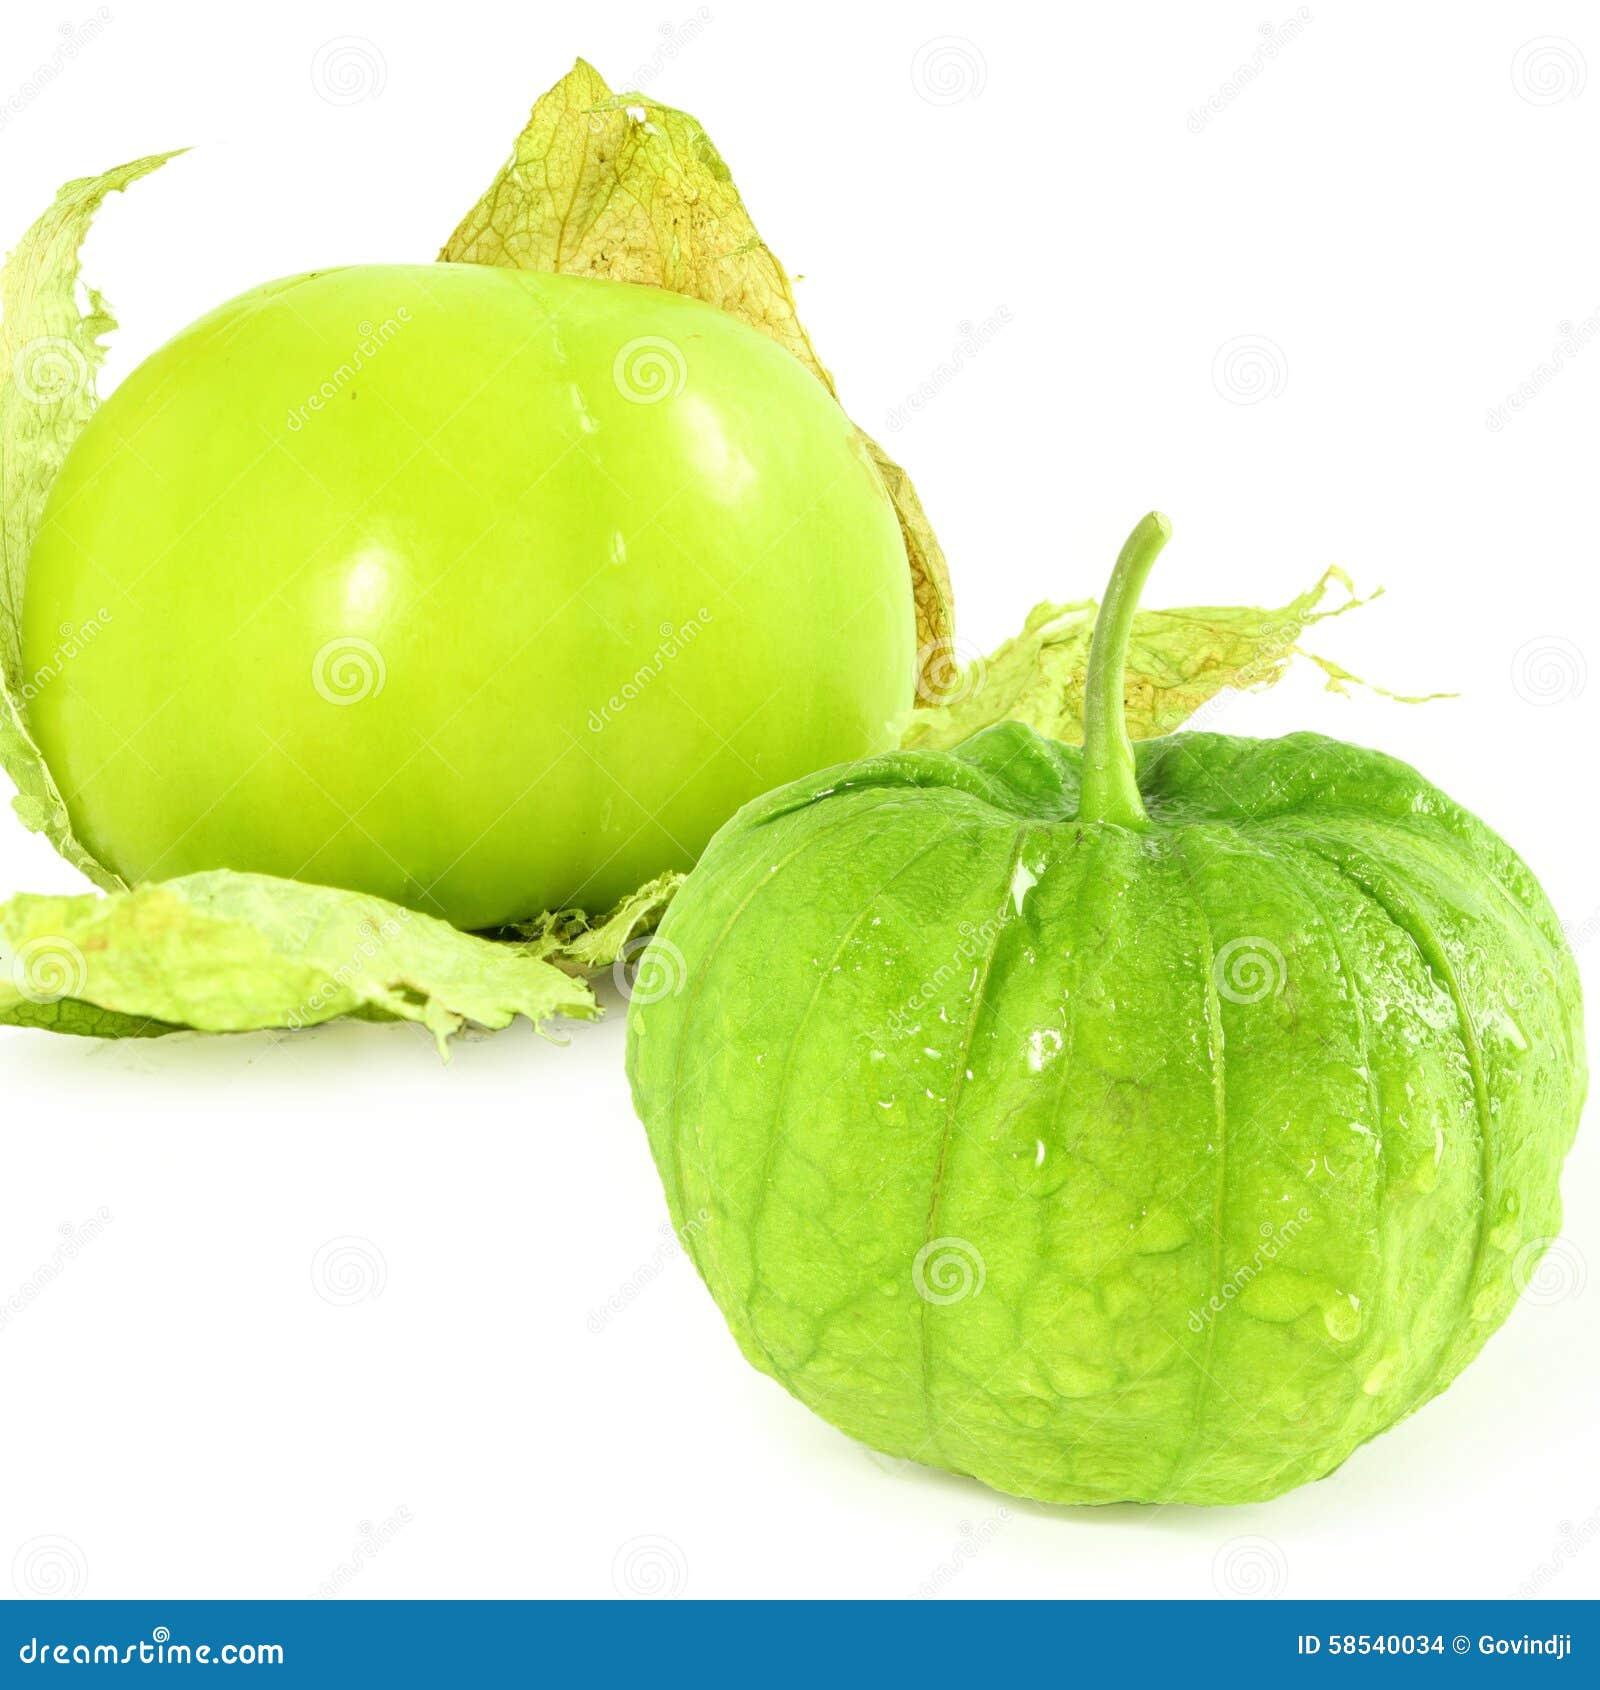 recipe: tomatillo in english [10]